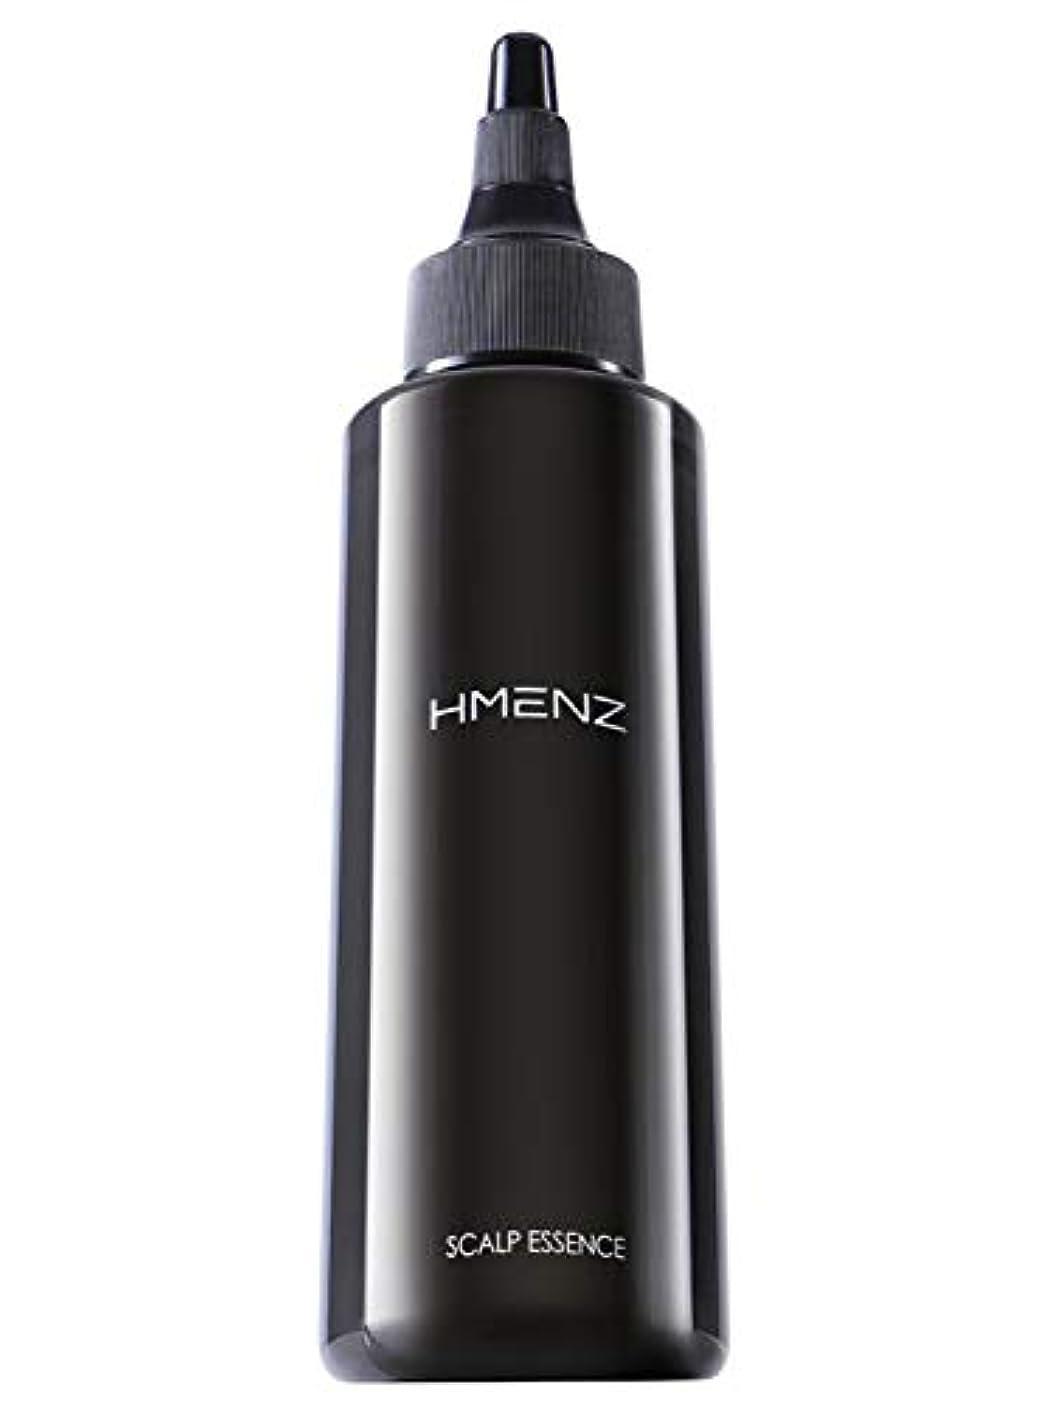 ガロン登録するエロチック医薬部外品 HMENZ メンズ 育毛剤 スカルプエッセンス 毛髪エイジングケアシリーズ 和漢根 海藻配合 育毛トニック 120ml